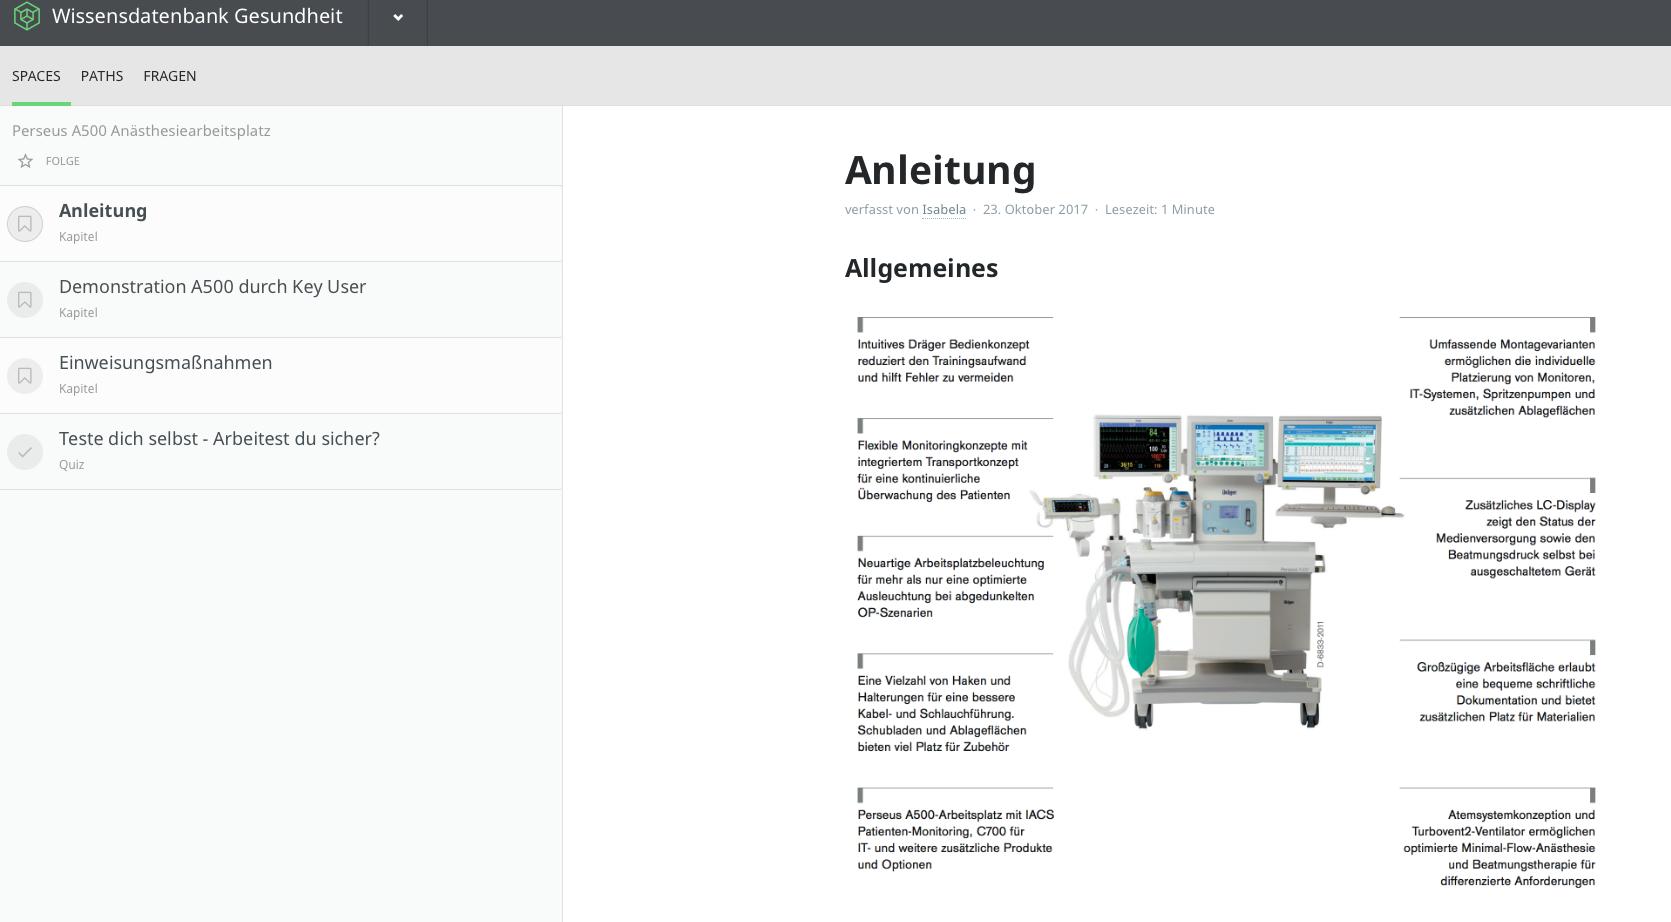 Abbild von einem Kapitel über ein Gerät der Medizintechnik